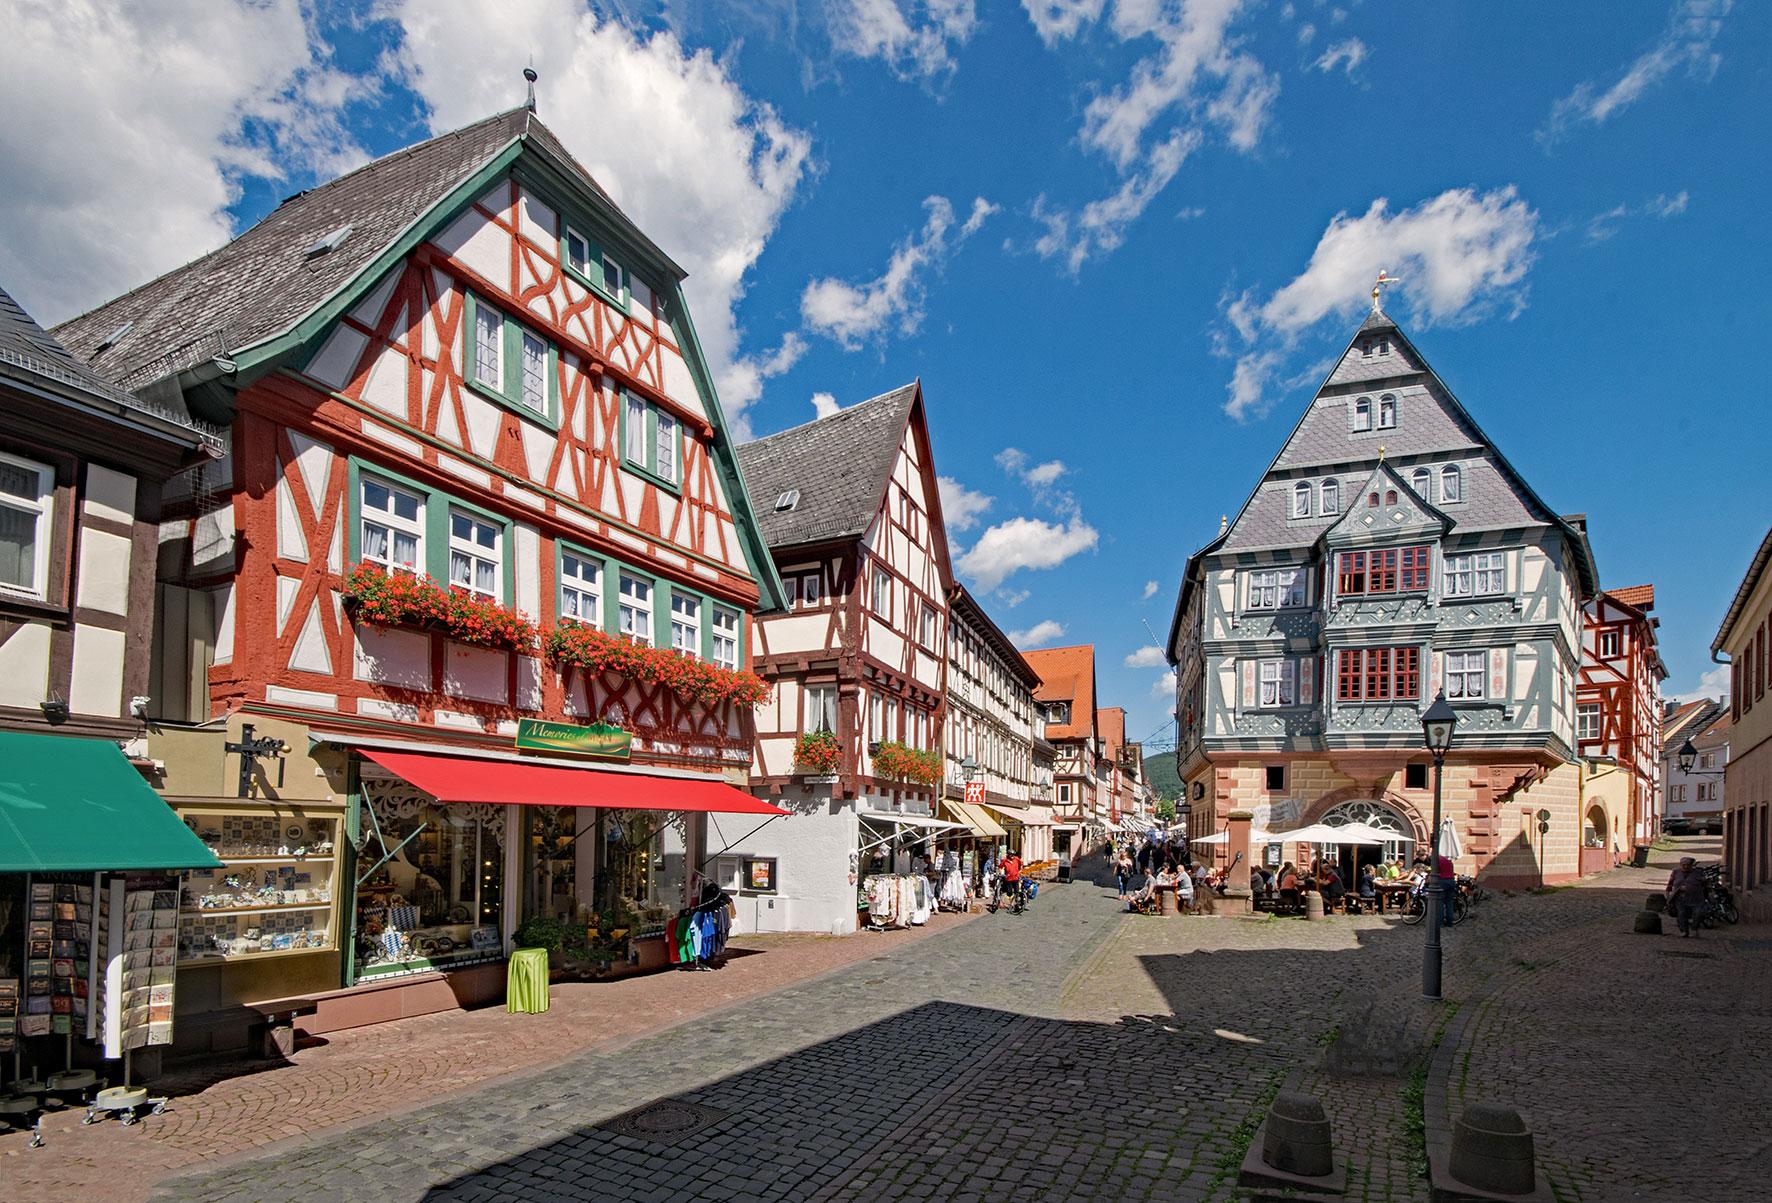 Fußgängerzone in Miltenberg mit Deutschlands ältester Fürstenherberge (rechts)